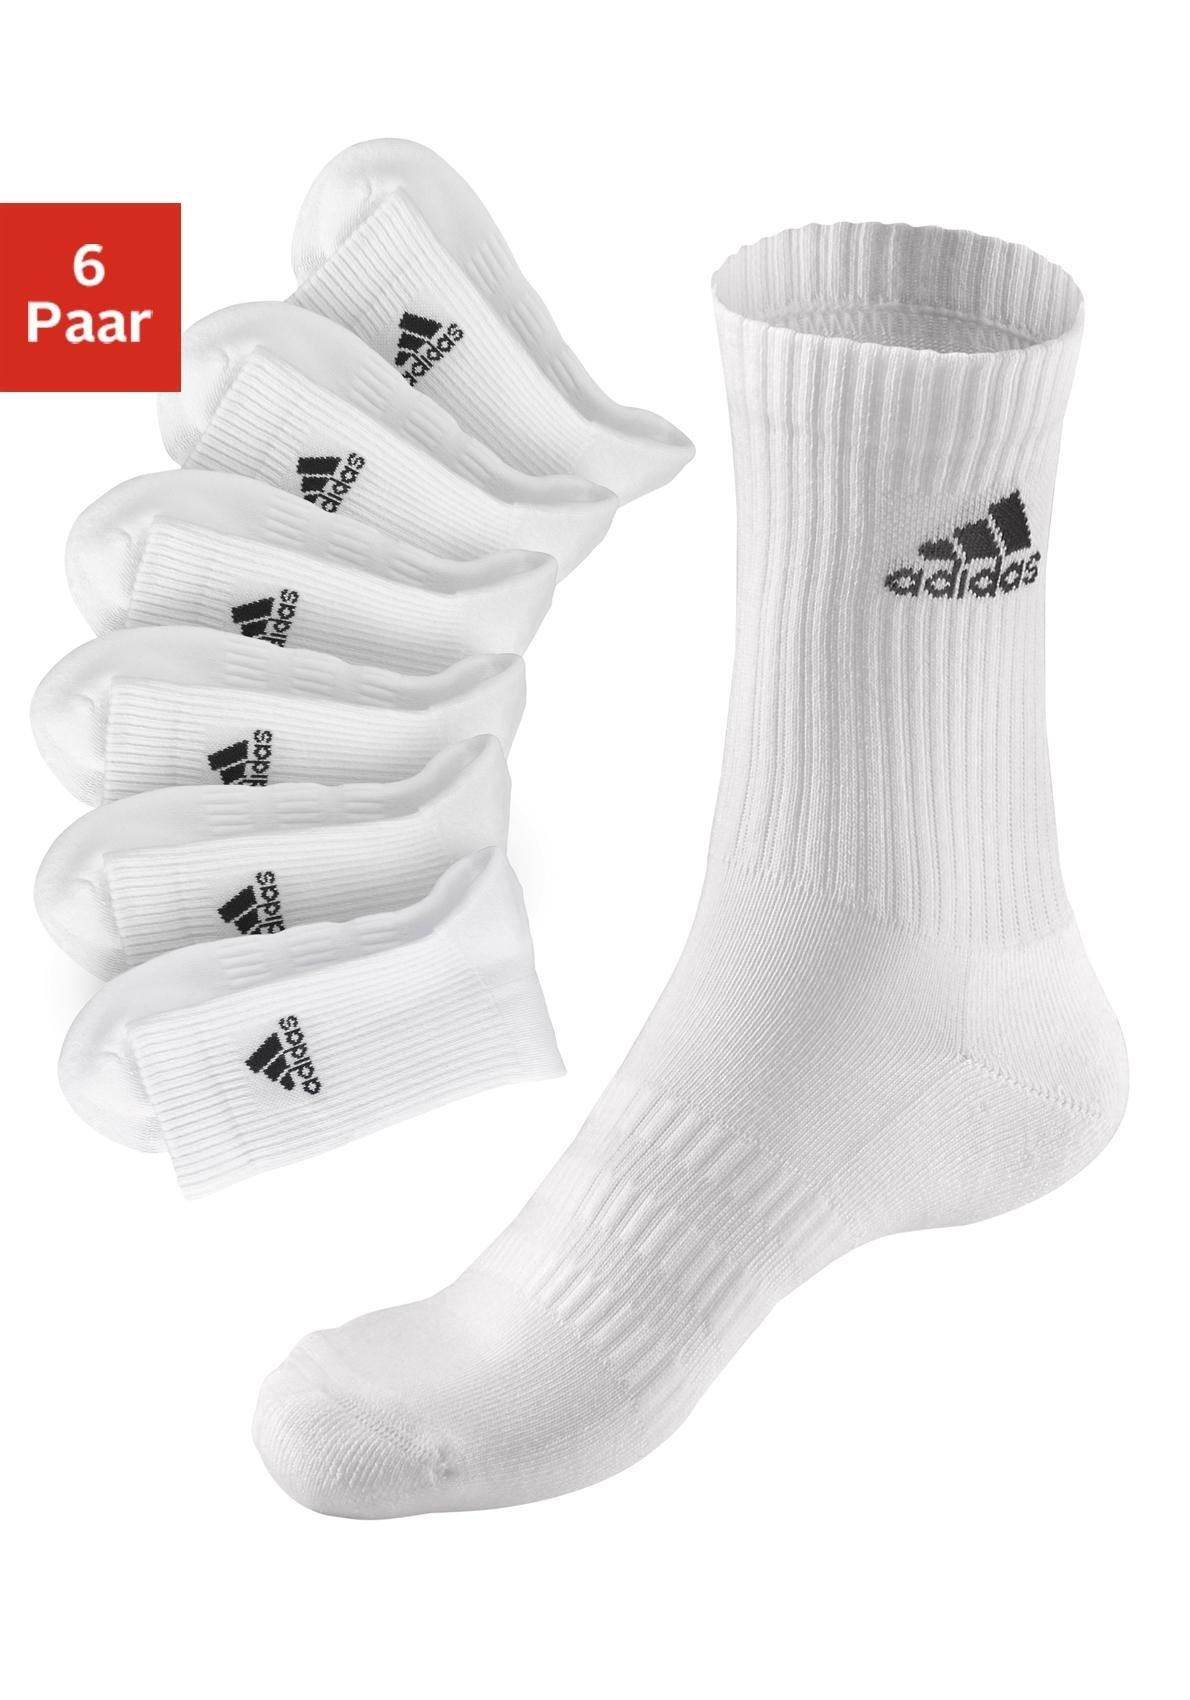 adidas Performance Sportsokken, set van 6 paar, adidas bij Lascana online kopen